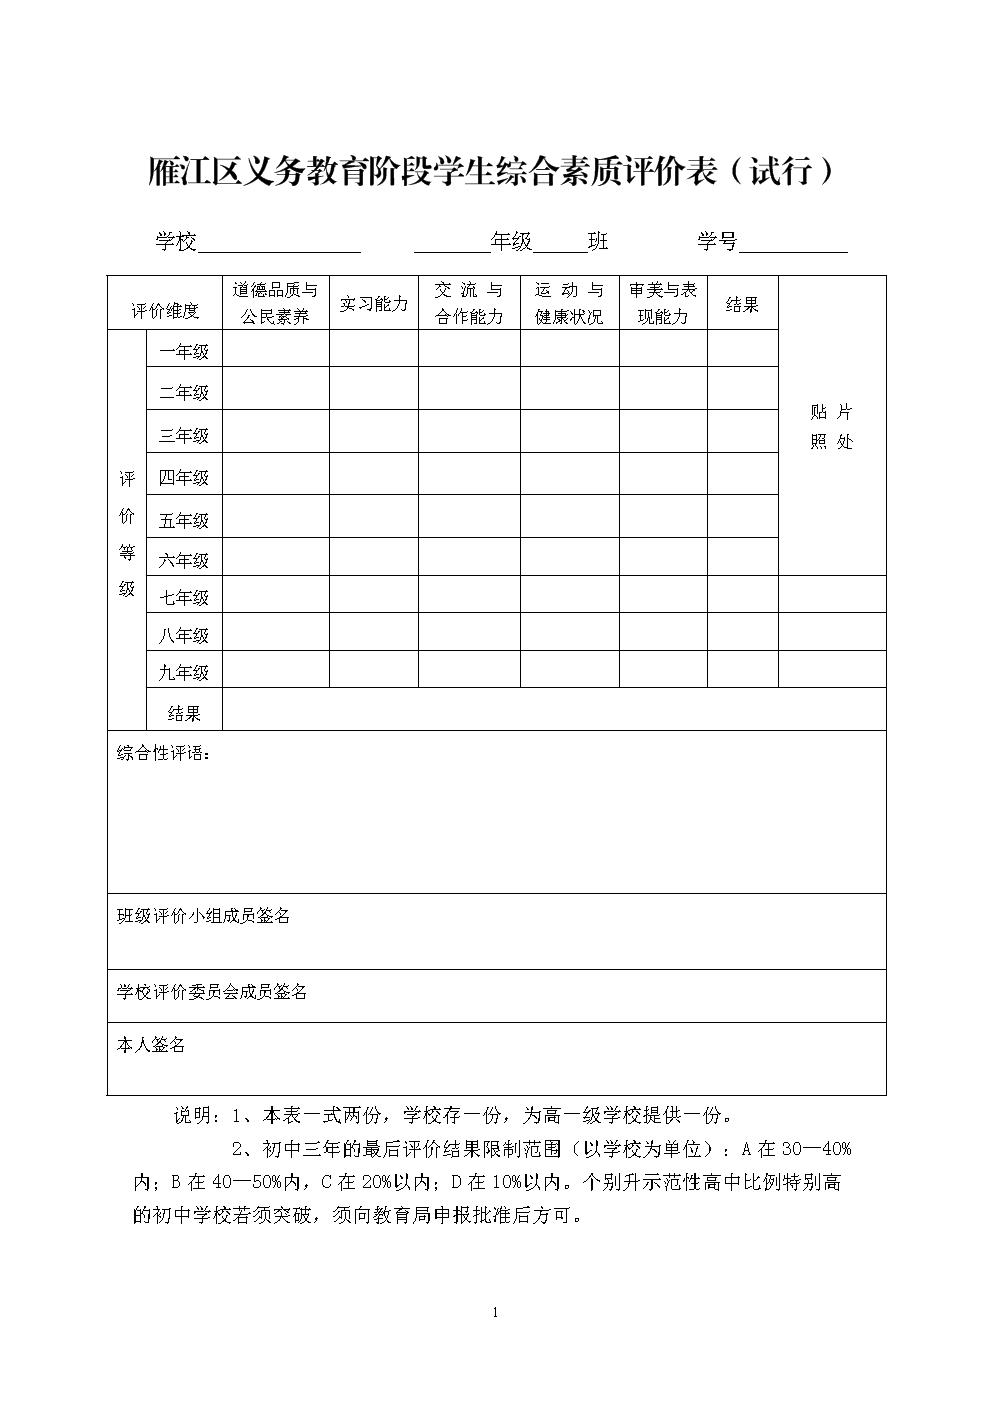 雁江区义务教育阶段学生综合素质评价表试行.doc